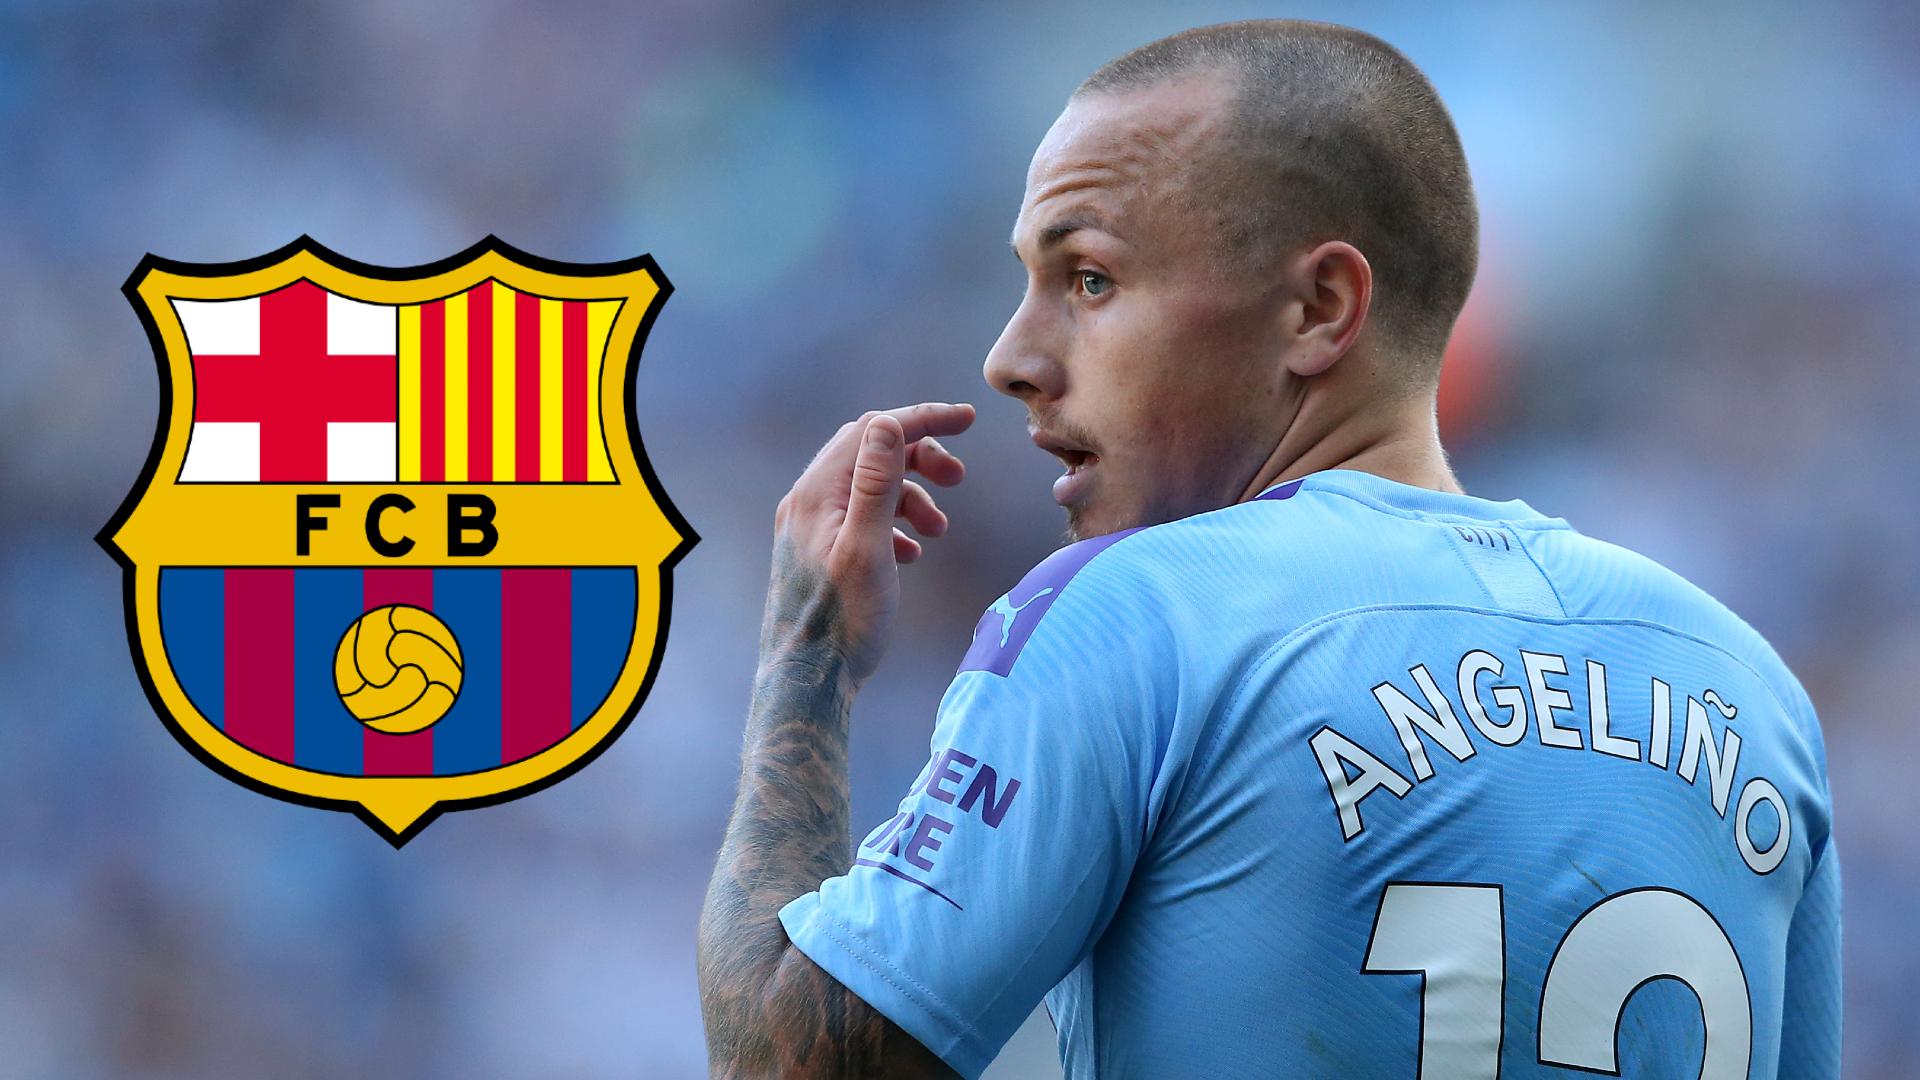 Chuyển nhượng) Barca hỏi mua hậu vệ Man City với giá 25 triệu Bảng ...